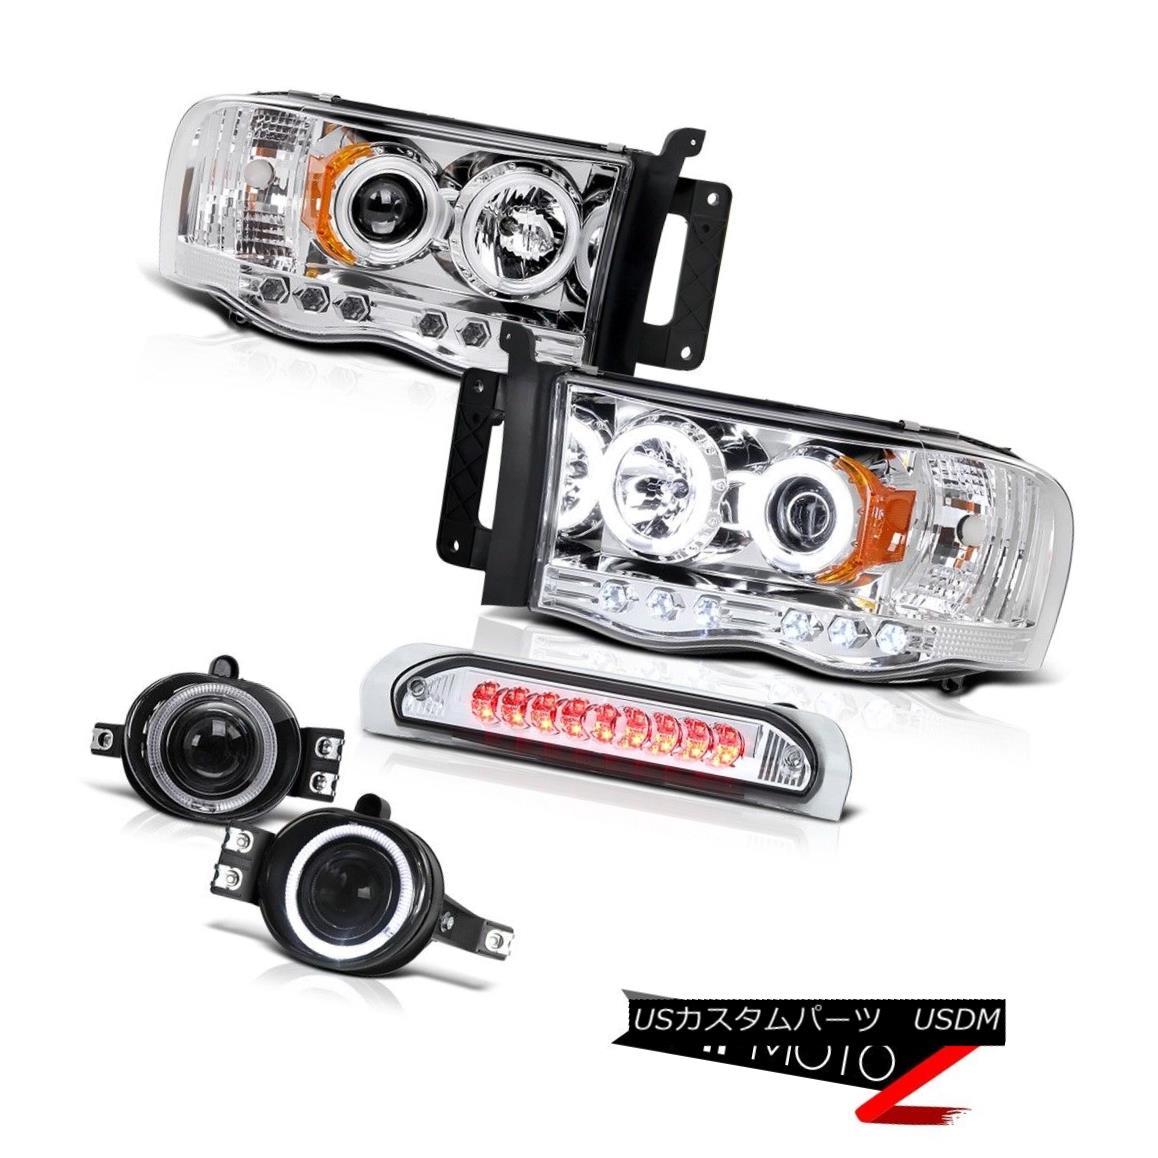 ヘッドライト >^CCFL^< HaLo Projector Headlight+3rd Brake+Chrome LED Taillight Dodge 02-05 RAM CCFL ^&lt; ハロプロジェクターヘッドライト+第3ブレーキ+クロームLEDテールライトドッジ02-05 RAM